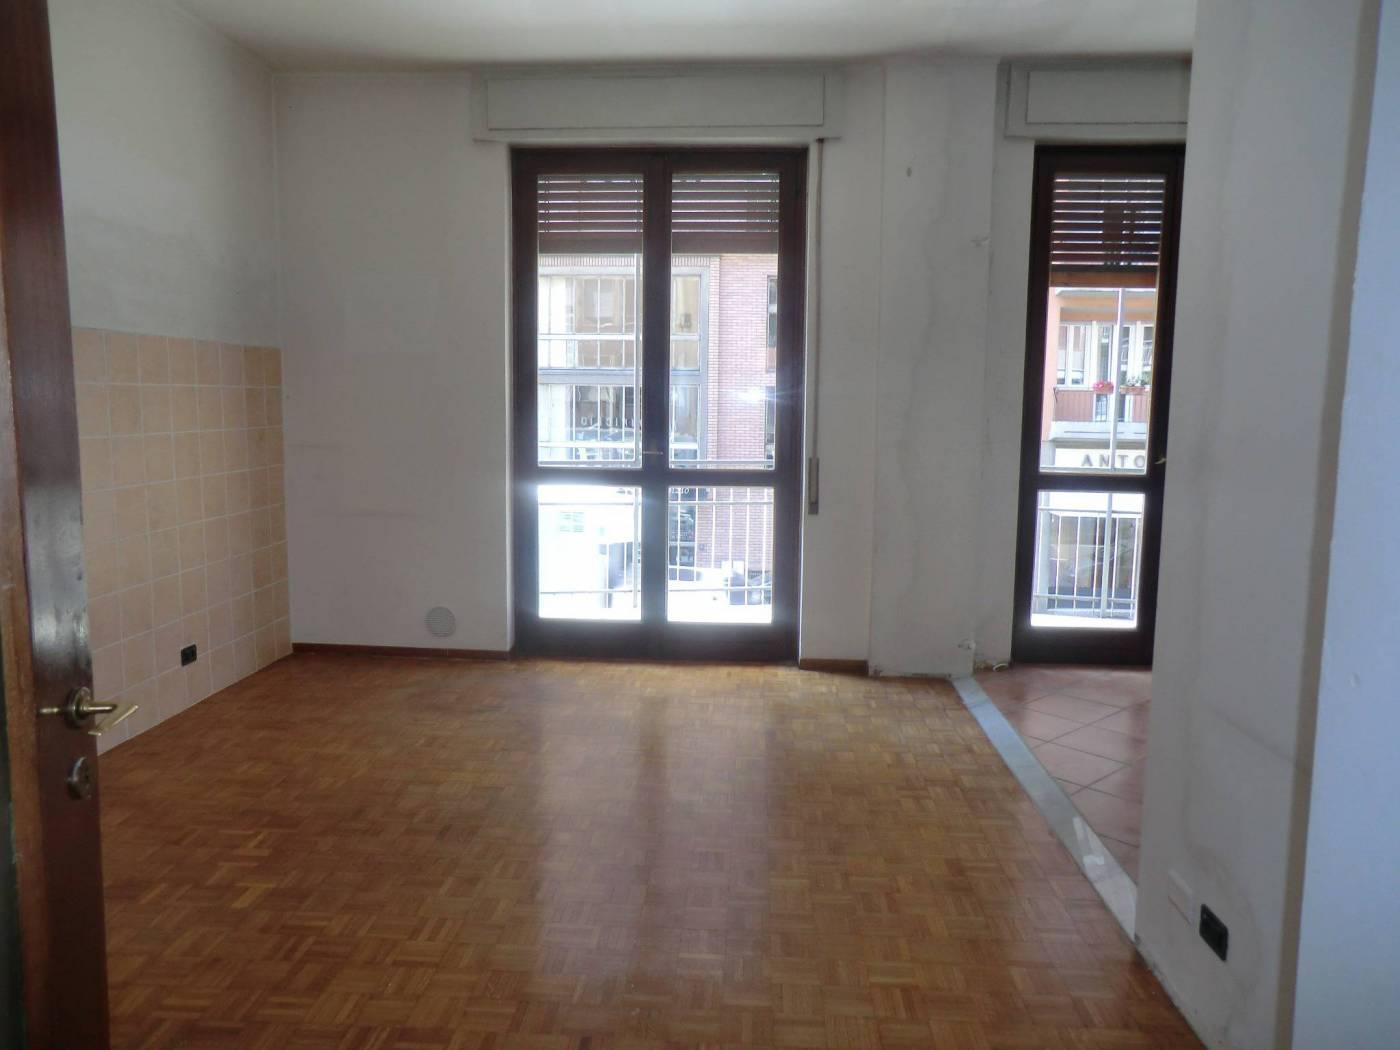 Appartamento in affitto a Novara, 4 locali, zona Località: SAN MARTINO, prezzo € 700 | PortaleAgenzieImmobiliari.it